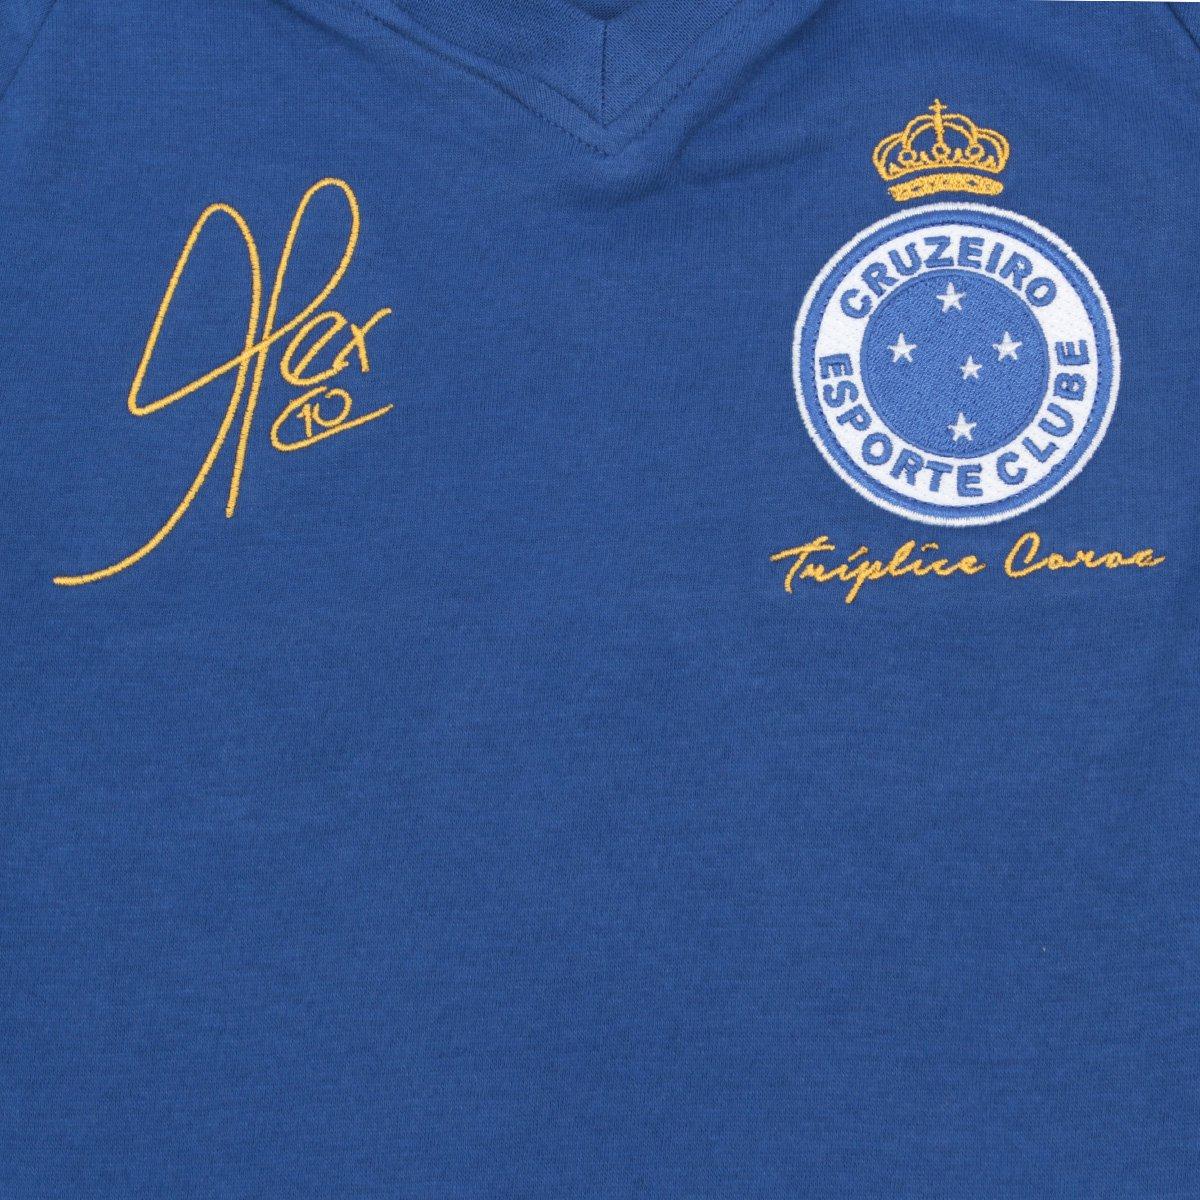 ... Camiseta Cruzeiro Juvenil Retrô Mania 2003 Alex Triplice Coroa ... 5485799a1c4ab